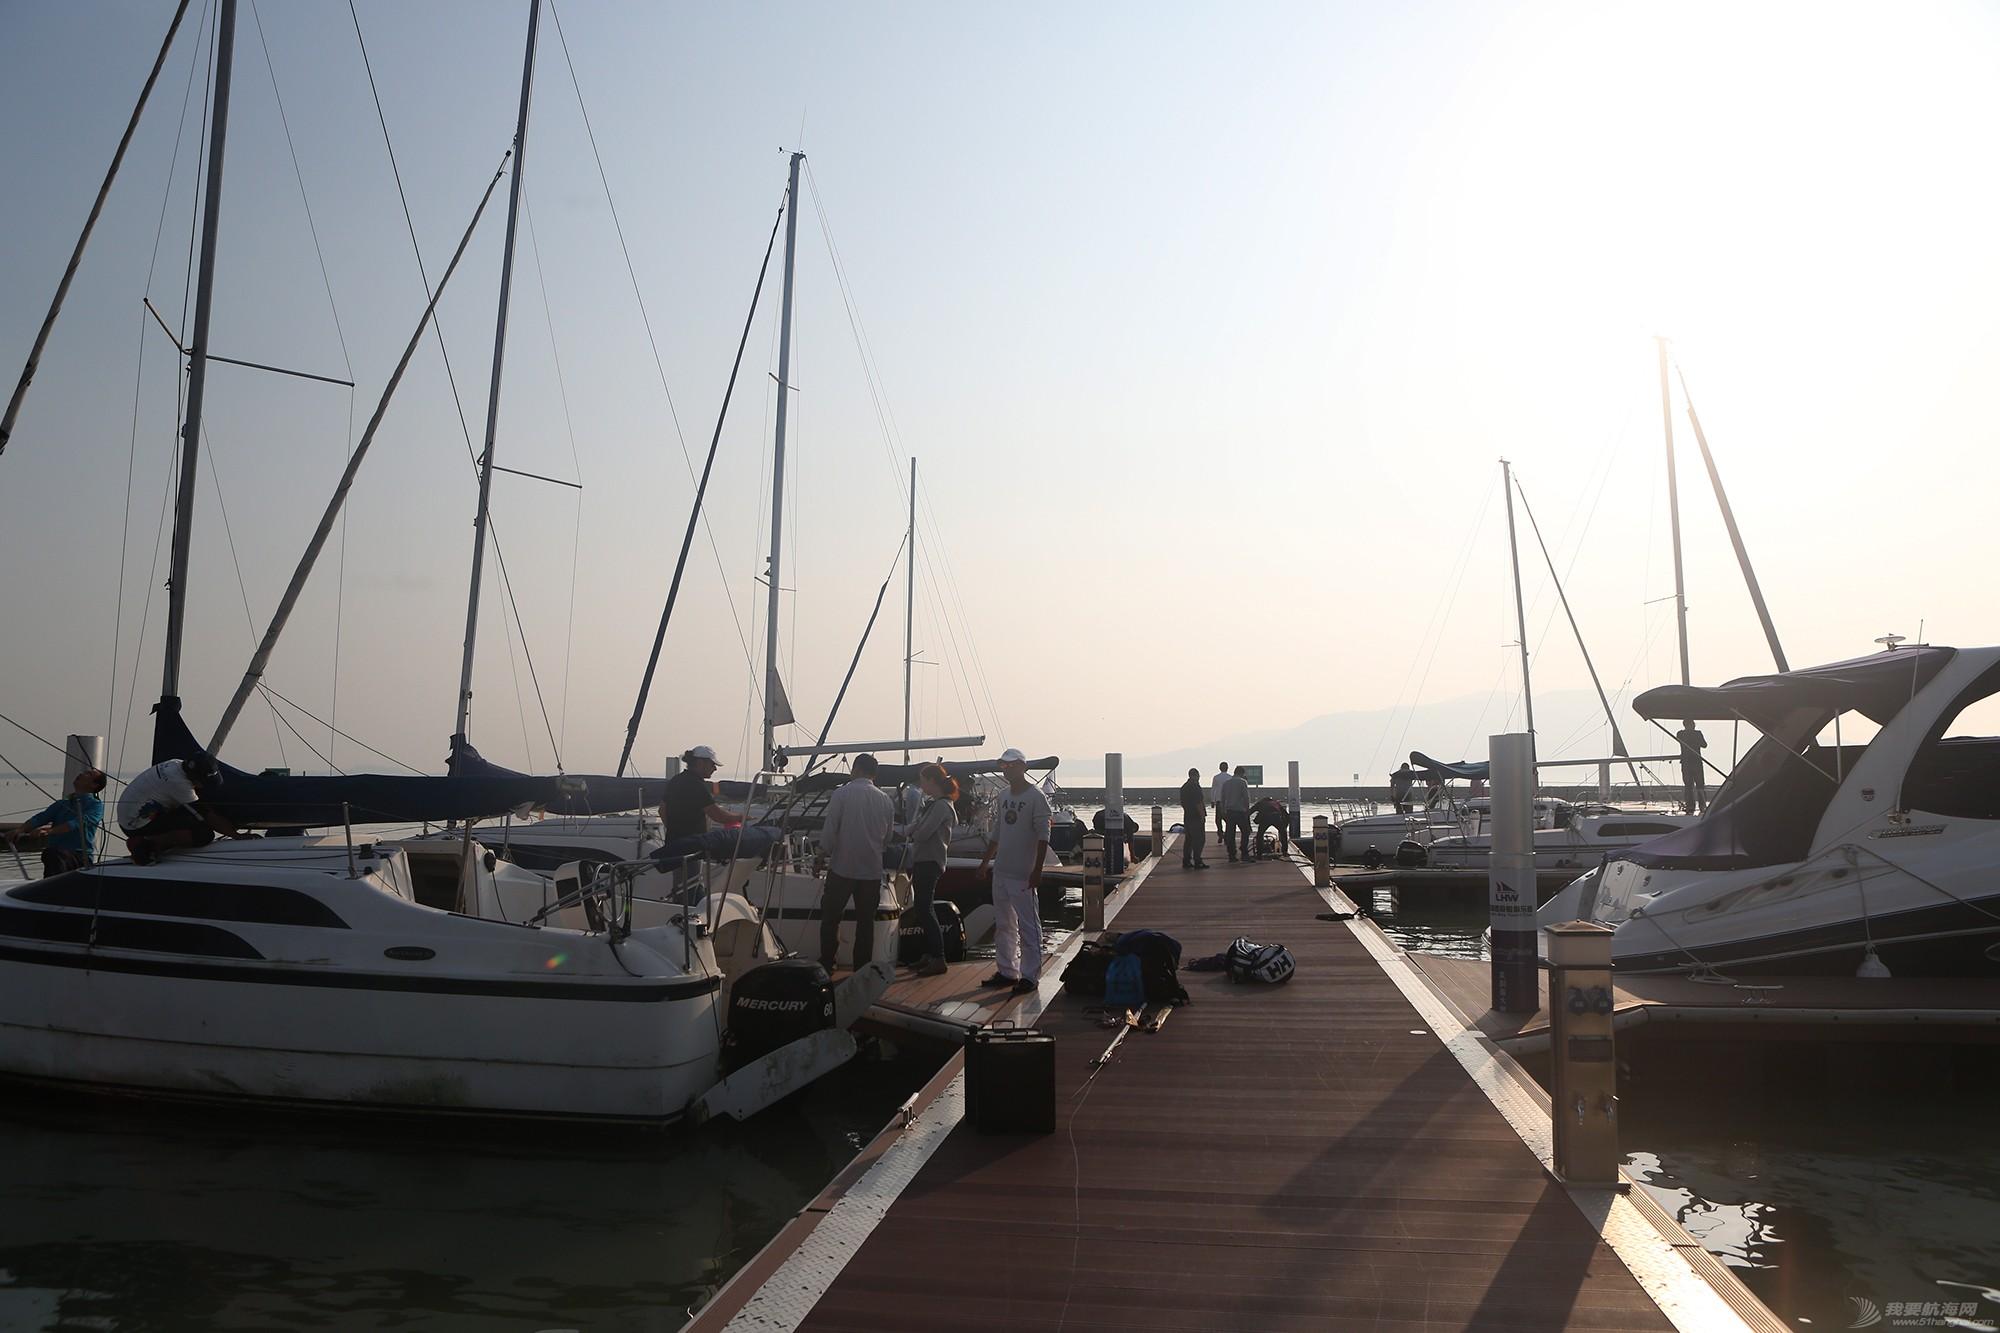 俱乐部,总经理 我要航海网专访菱湖湾游艇俱乐部凌黎总经理 5V8A7210.JPG